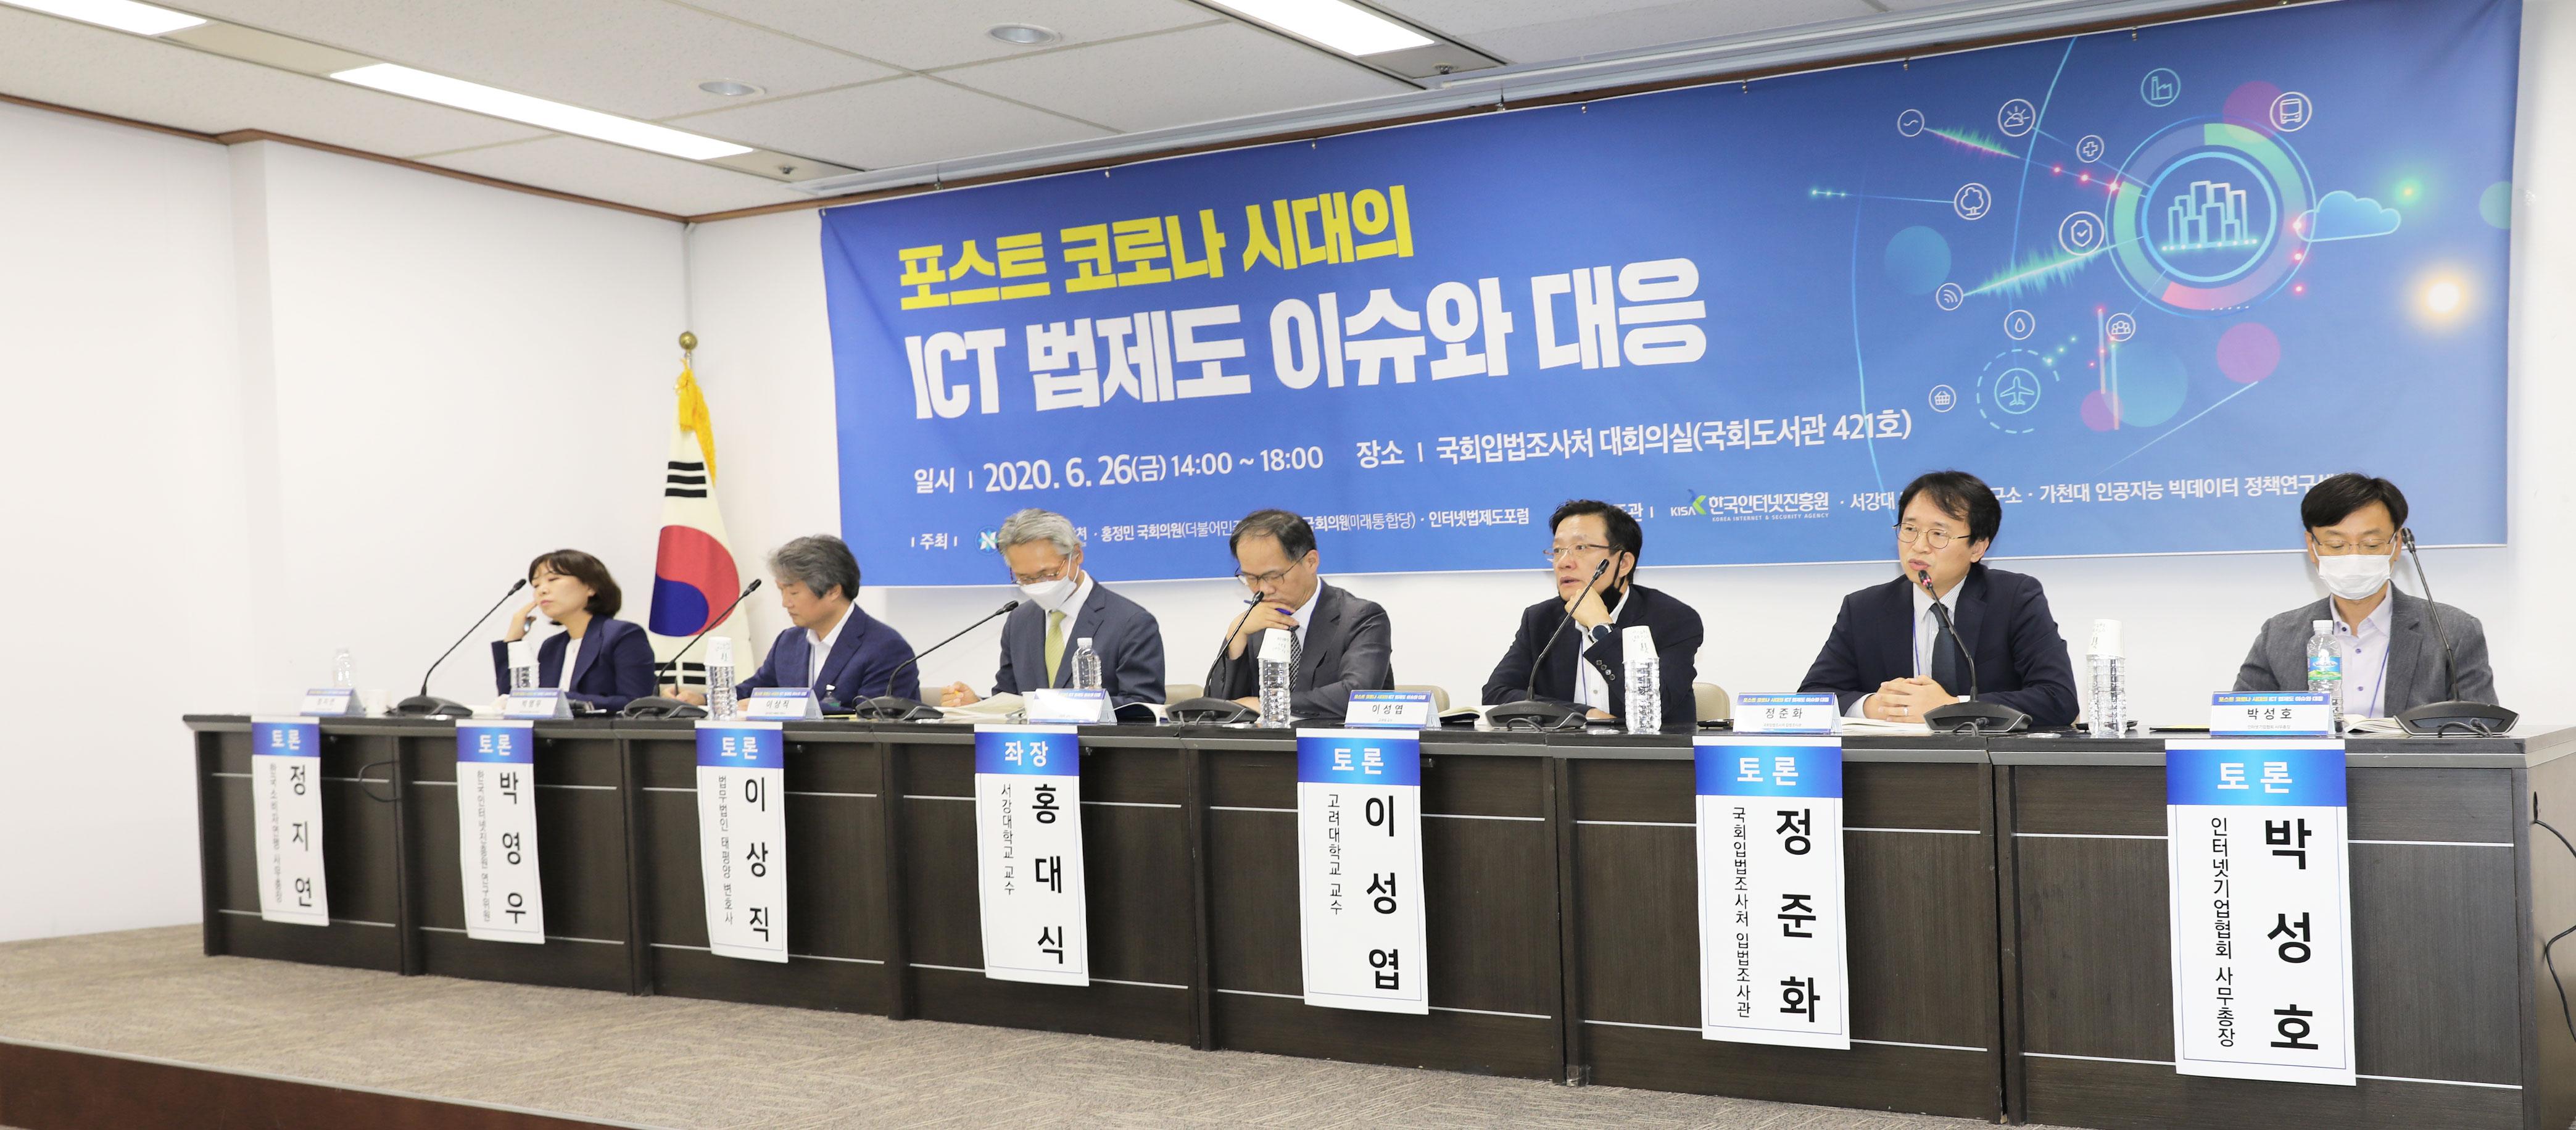 「포스트 코로나 시대의 ICT 법제도 이슈와 대응」공동 세미나 개최 사진